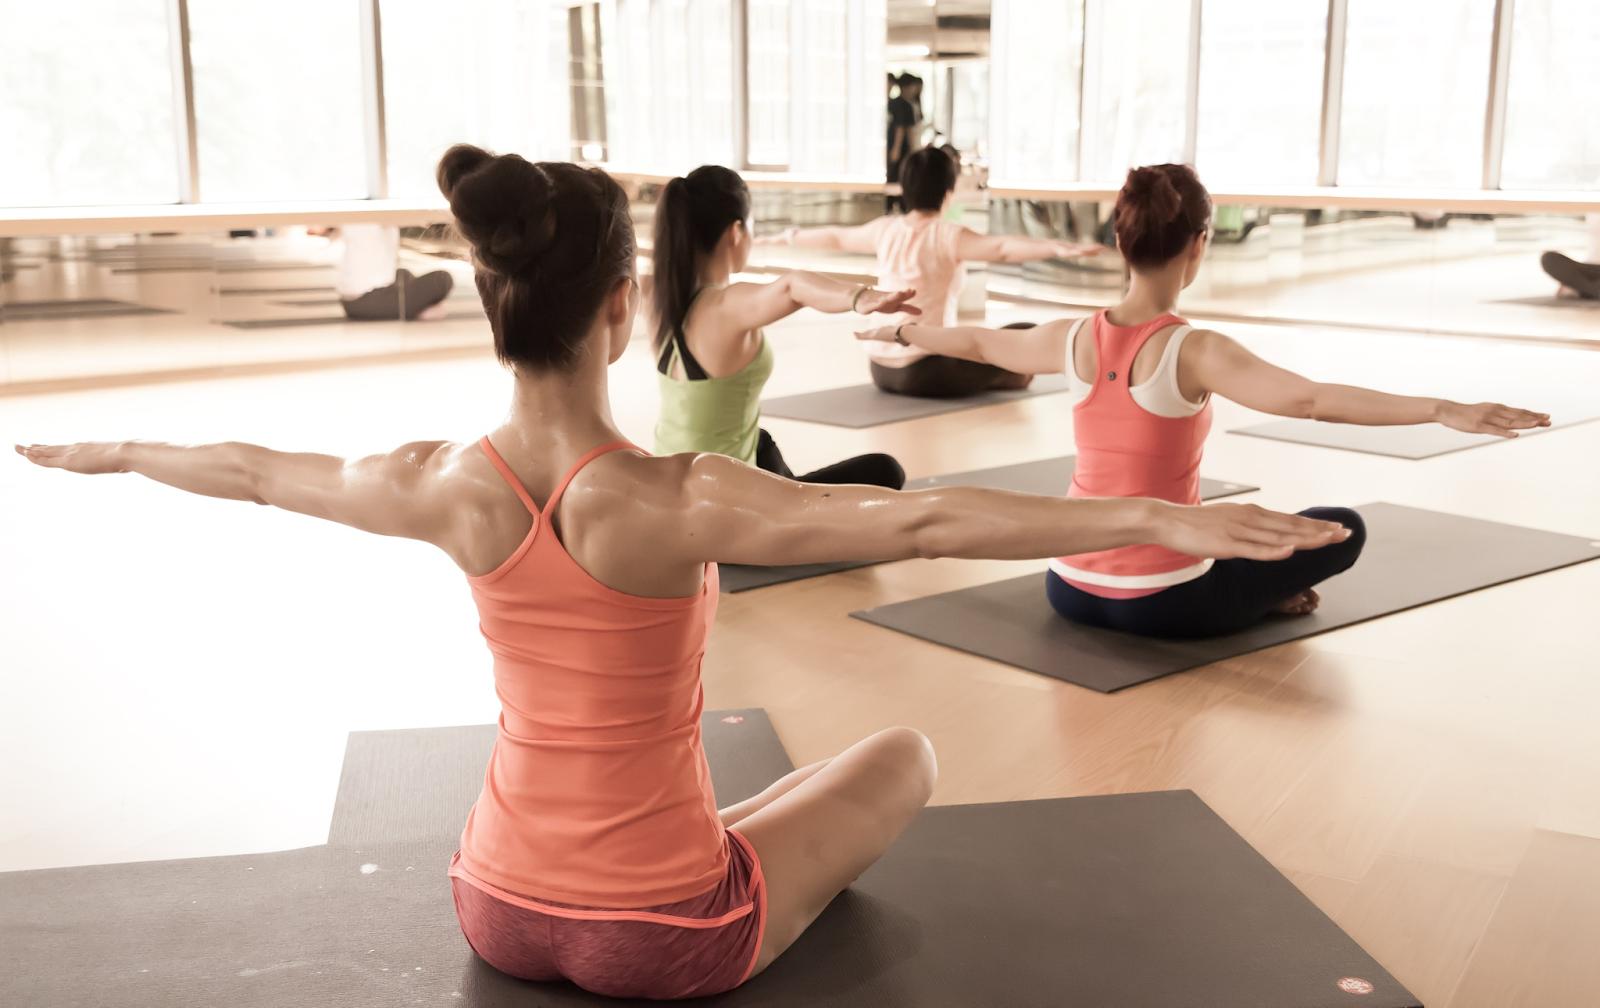 瑜珈 親子瑜珈 瑜珈課程 初學 熱瑜伽 空中瑜珈 減肥瘦身